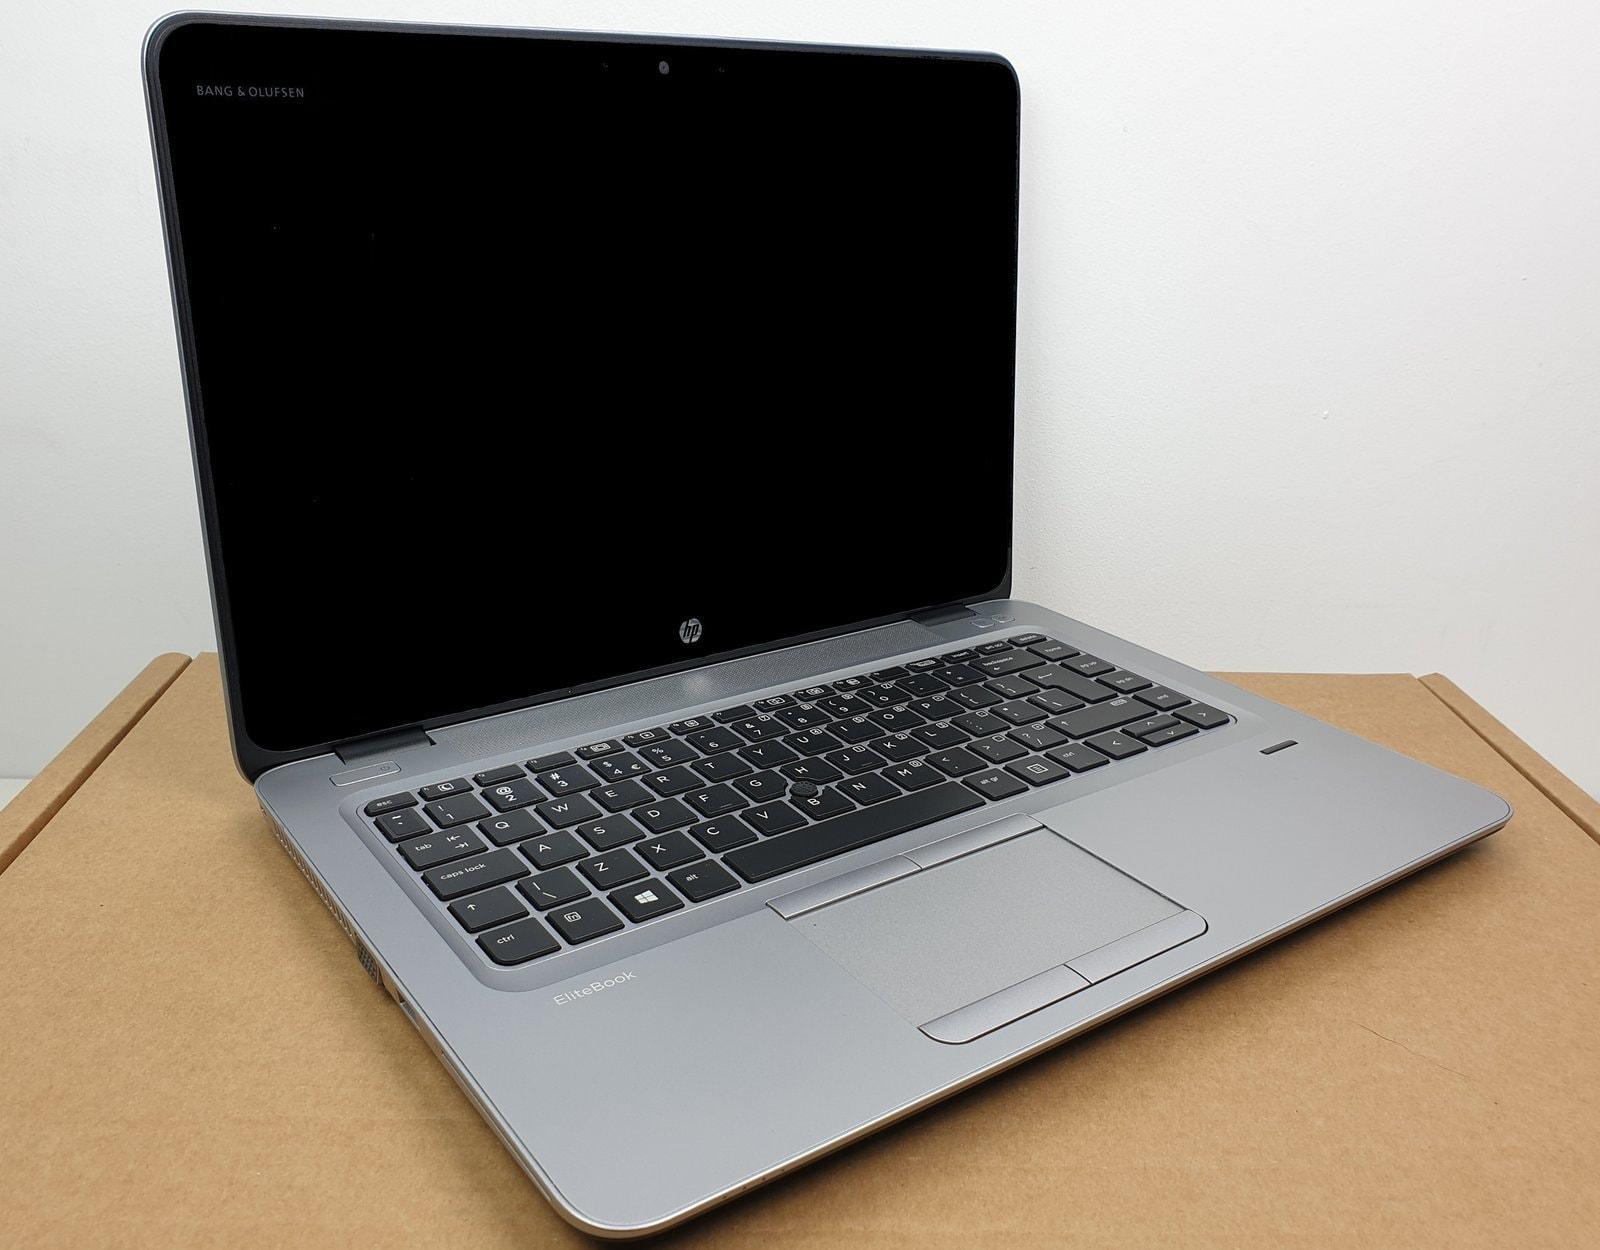 Laptop HP EliteBook 840 G3 i7 - 6 generacji / 16 GB / 240 GB SSD / 14 FullHD DOTYK / Klasa A- - 3